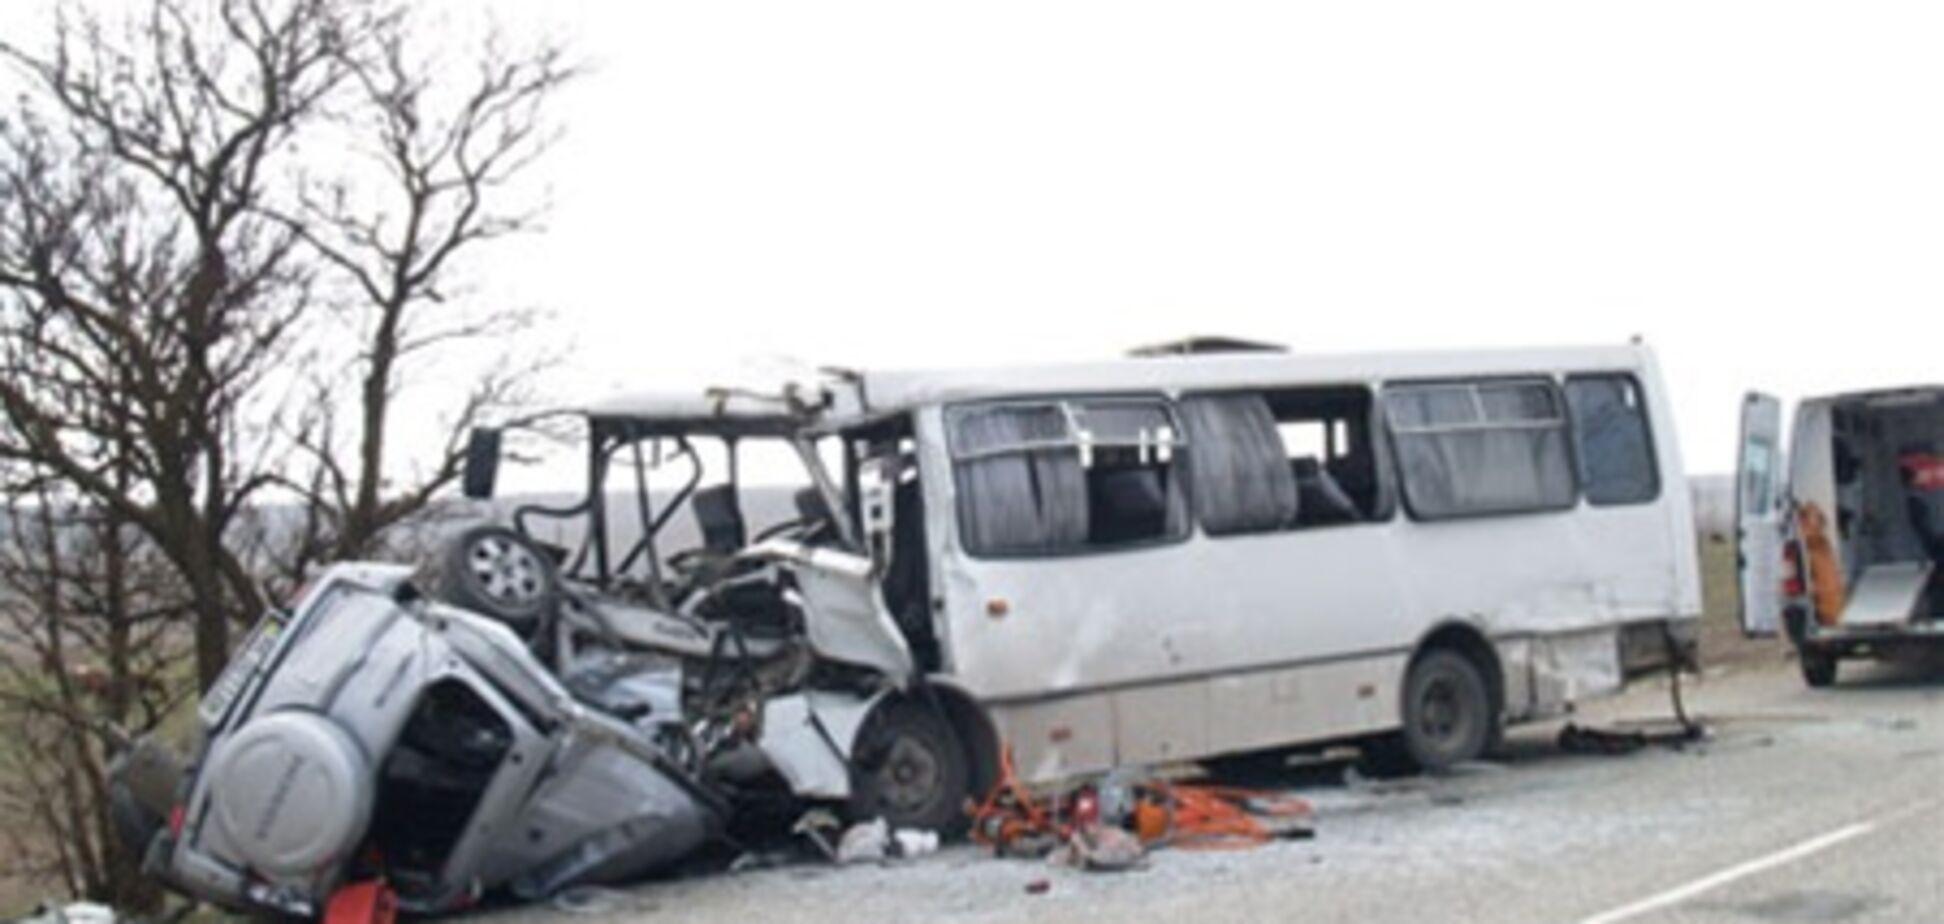 В Крыму легковушка столкнулась с автобусом: 13 травмированных. Видео